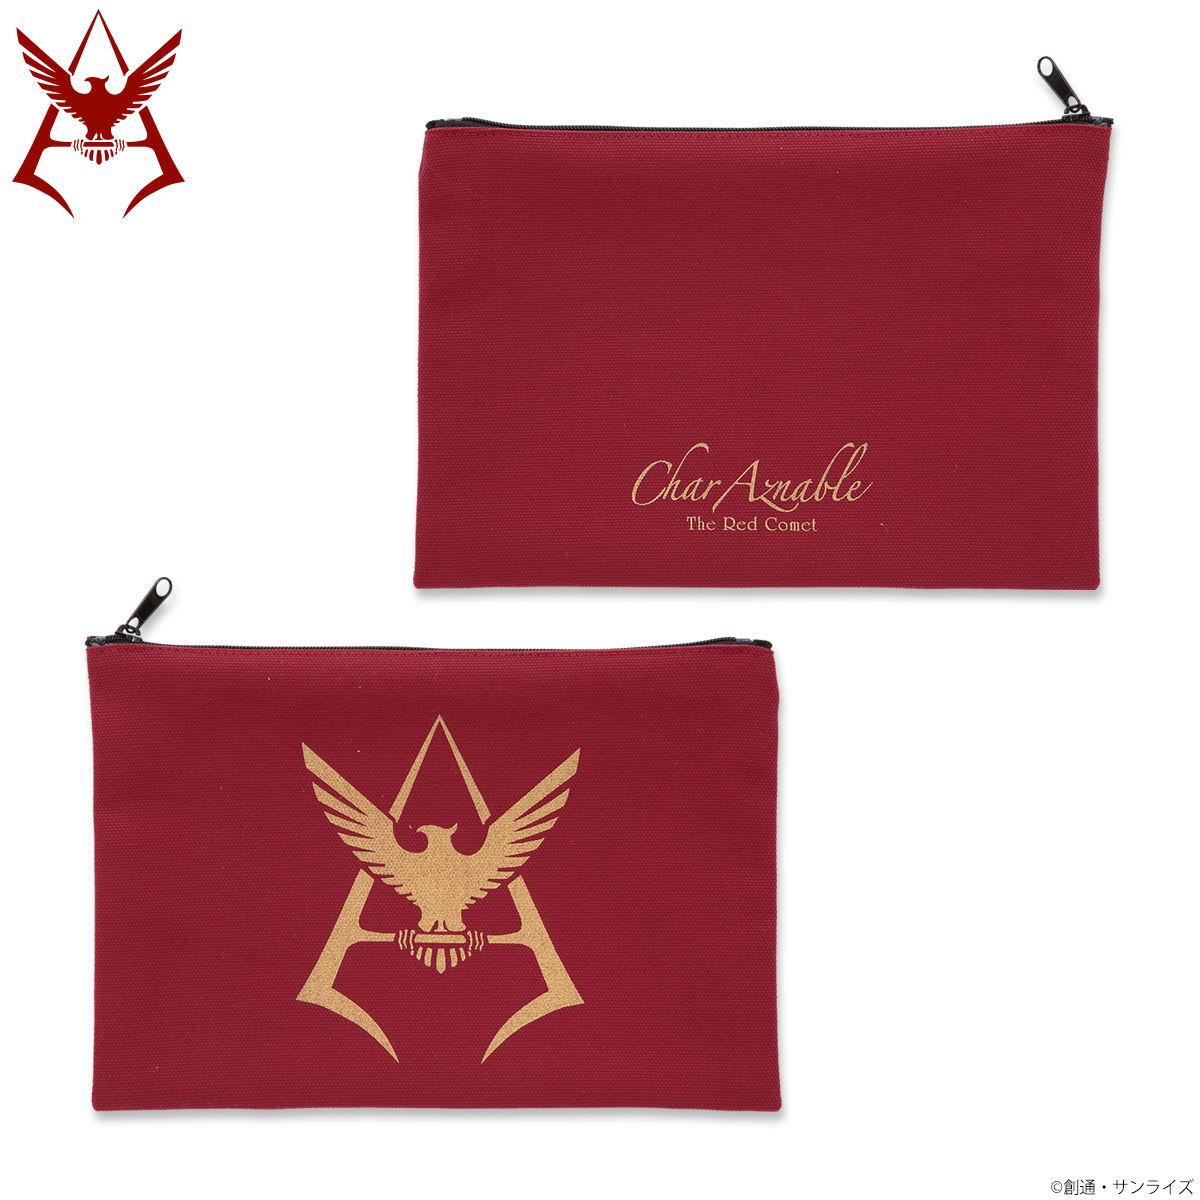 Mobile Suit Gundam Char Aznable Golden Emblem Pouch